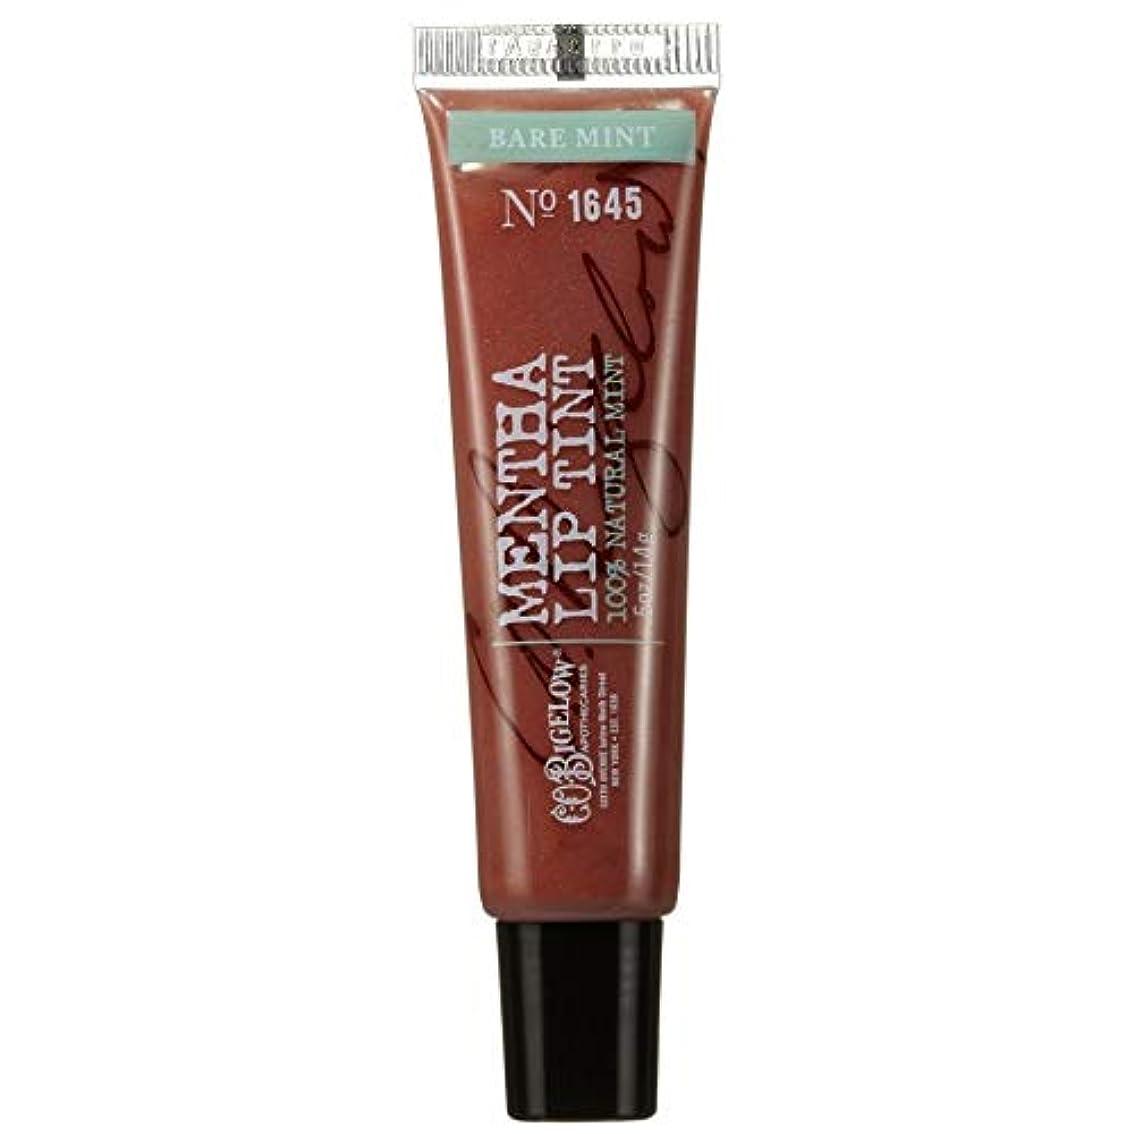 血色の良い削減オーナー[C.O. Bigelow] C.O.ビゲロー裸ミントハッカシマーリップティント - C.O. Bigelow Bare Mint Mentha Shimmer Lip Tint [並行輸入品]